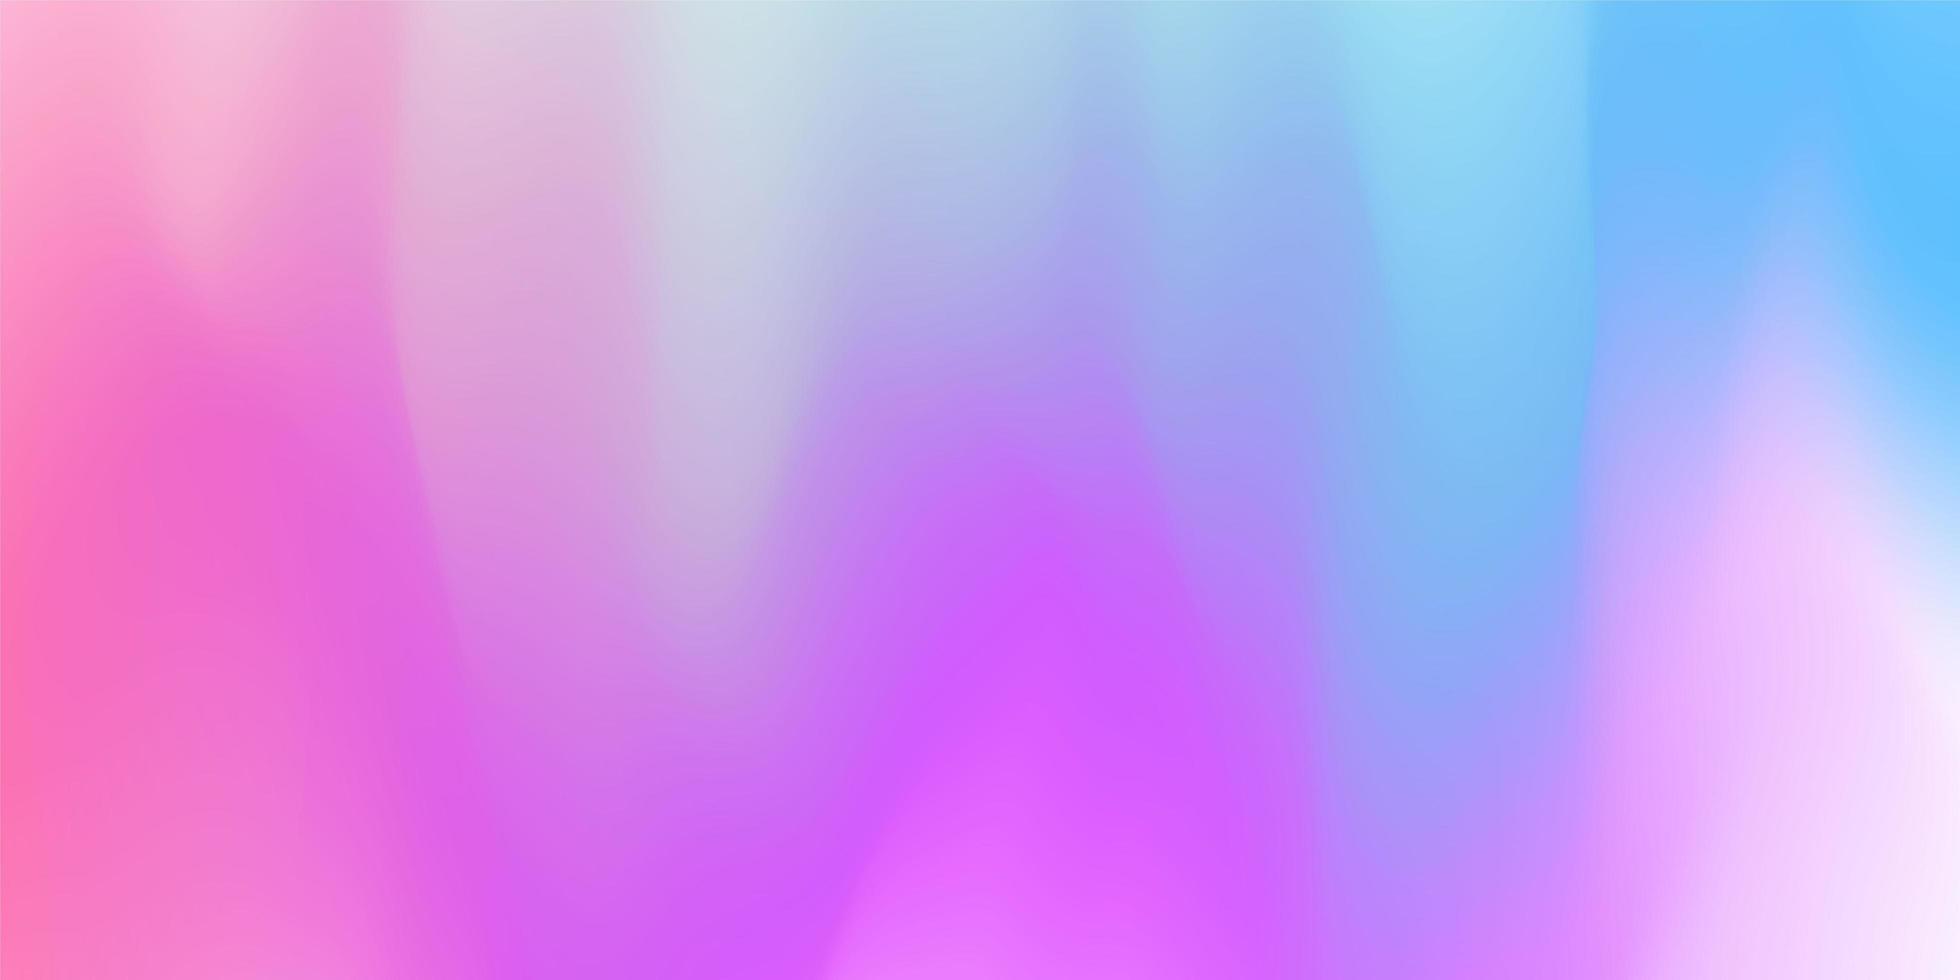 Concepto de fondo degradado líquido pastel abstracto para su diseño gráfico vector